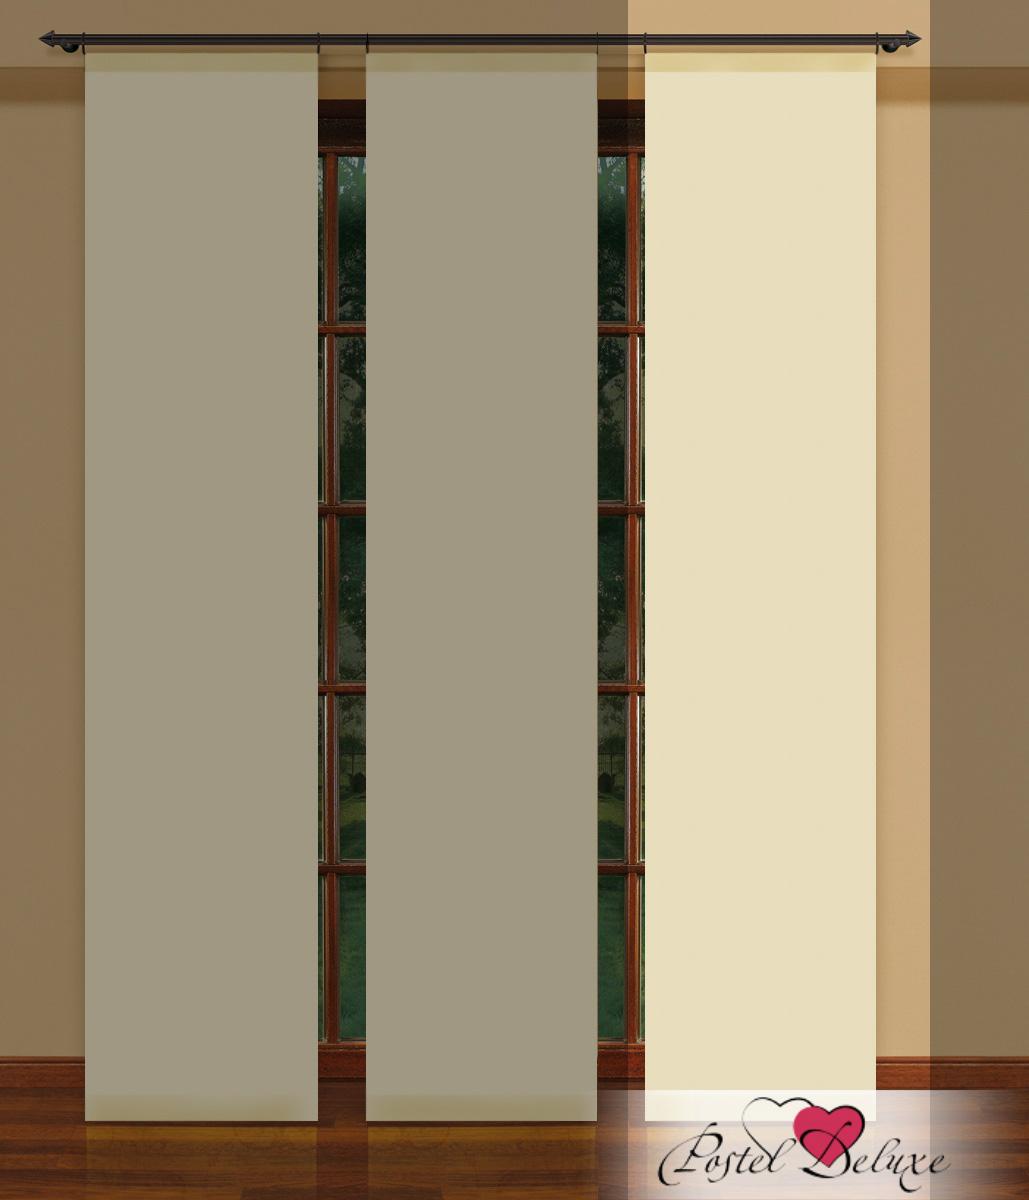 Купить Шторы Haft, Японские шторы Hadise Цвет: Кремовый, Польша, Тюль